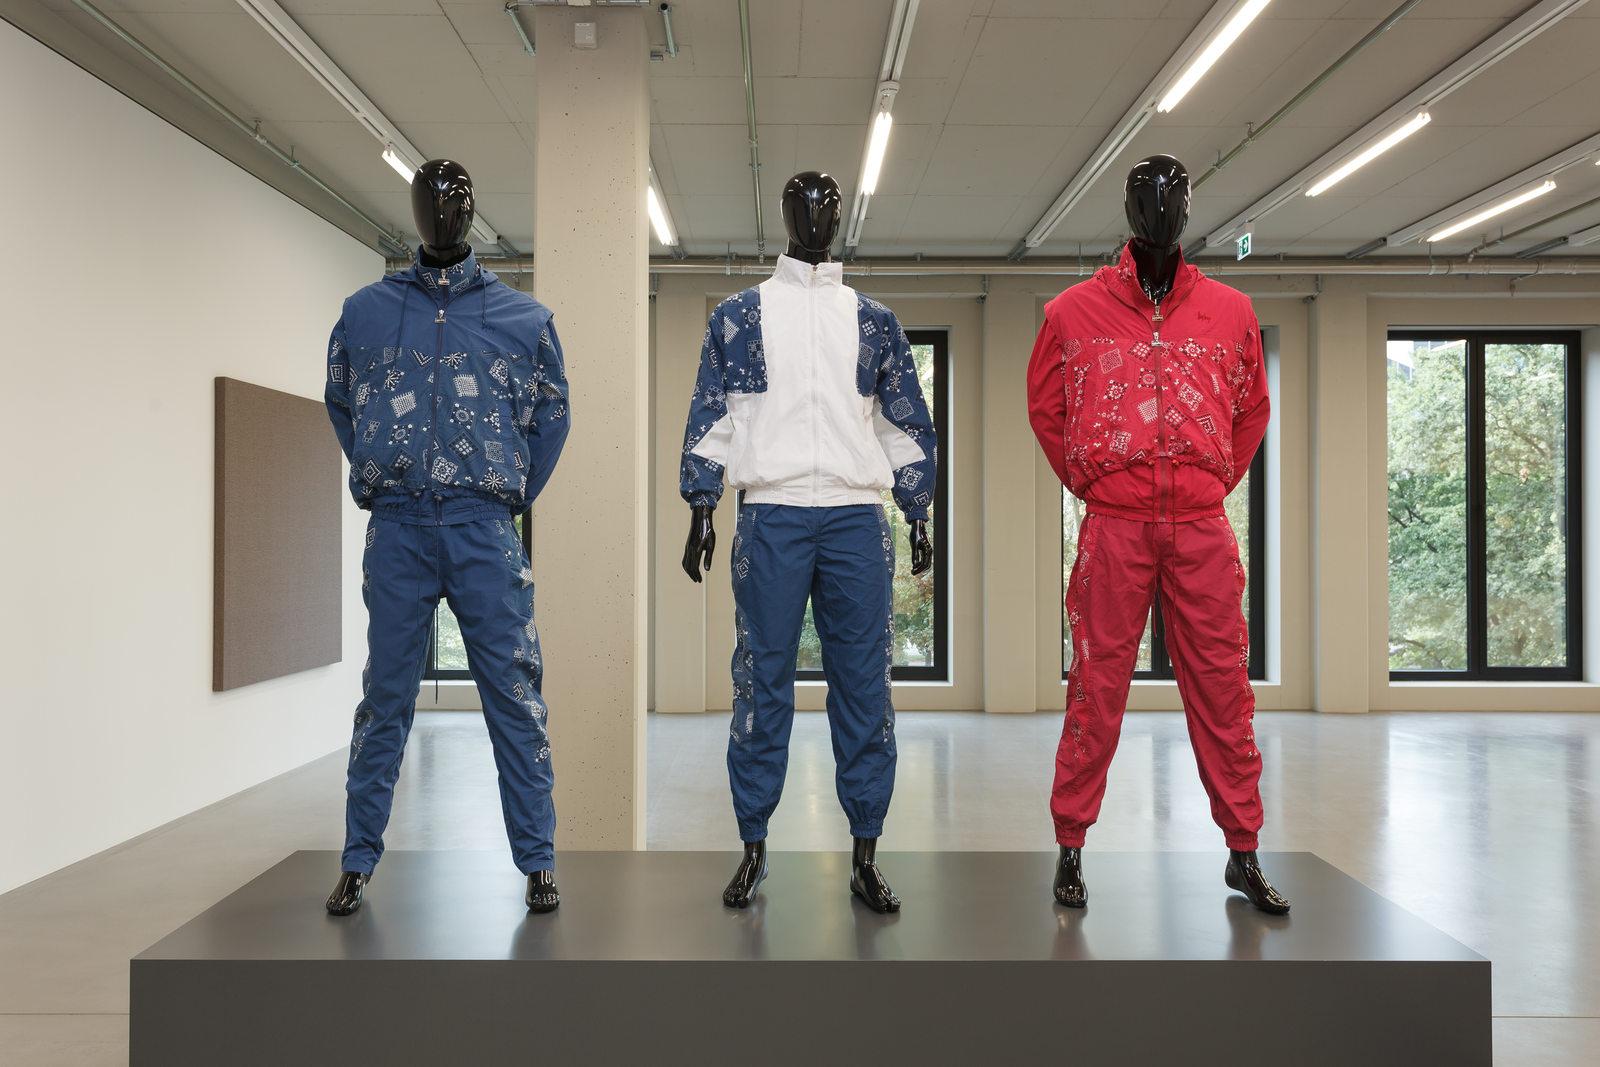 Willem_de_Rooij_Fong_Leng_Sportswear_1985_1995-1